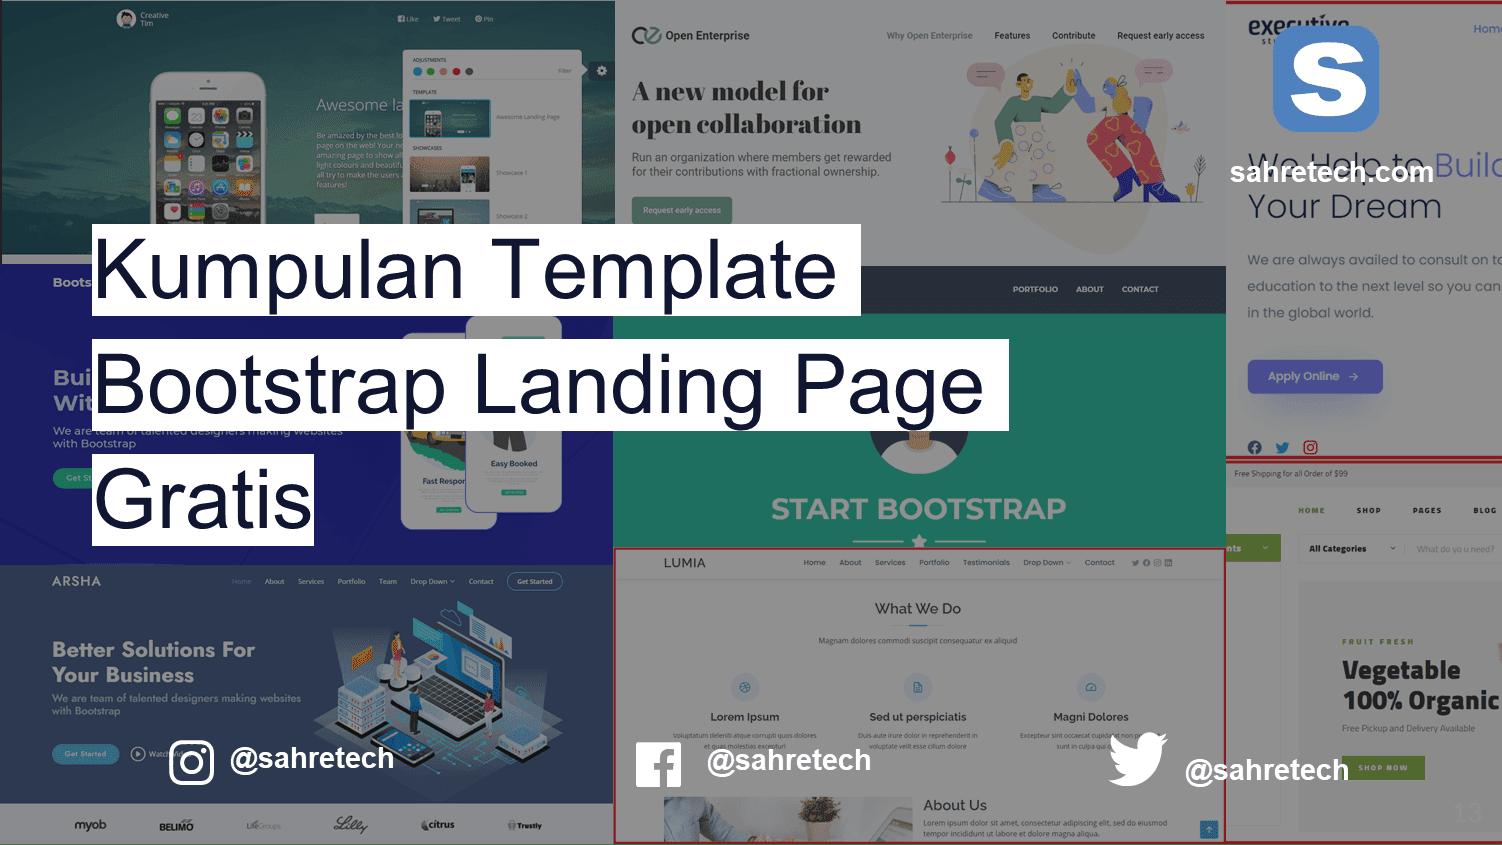 Kumpulan Template Bootstrap Landing Page Gratis